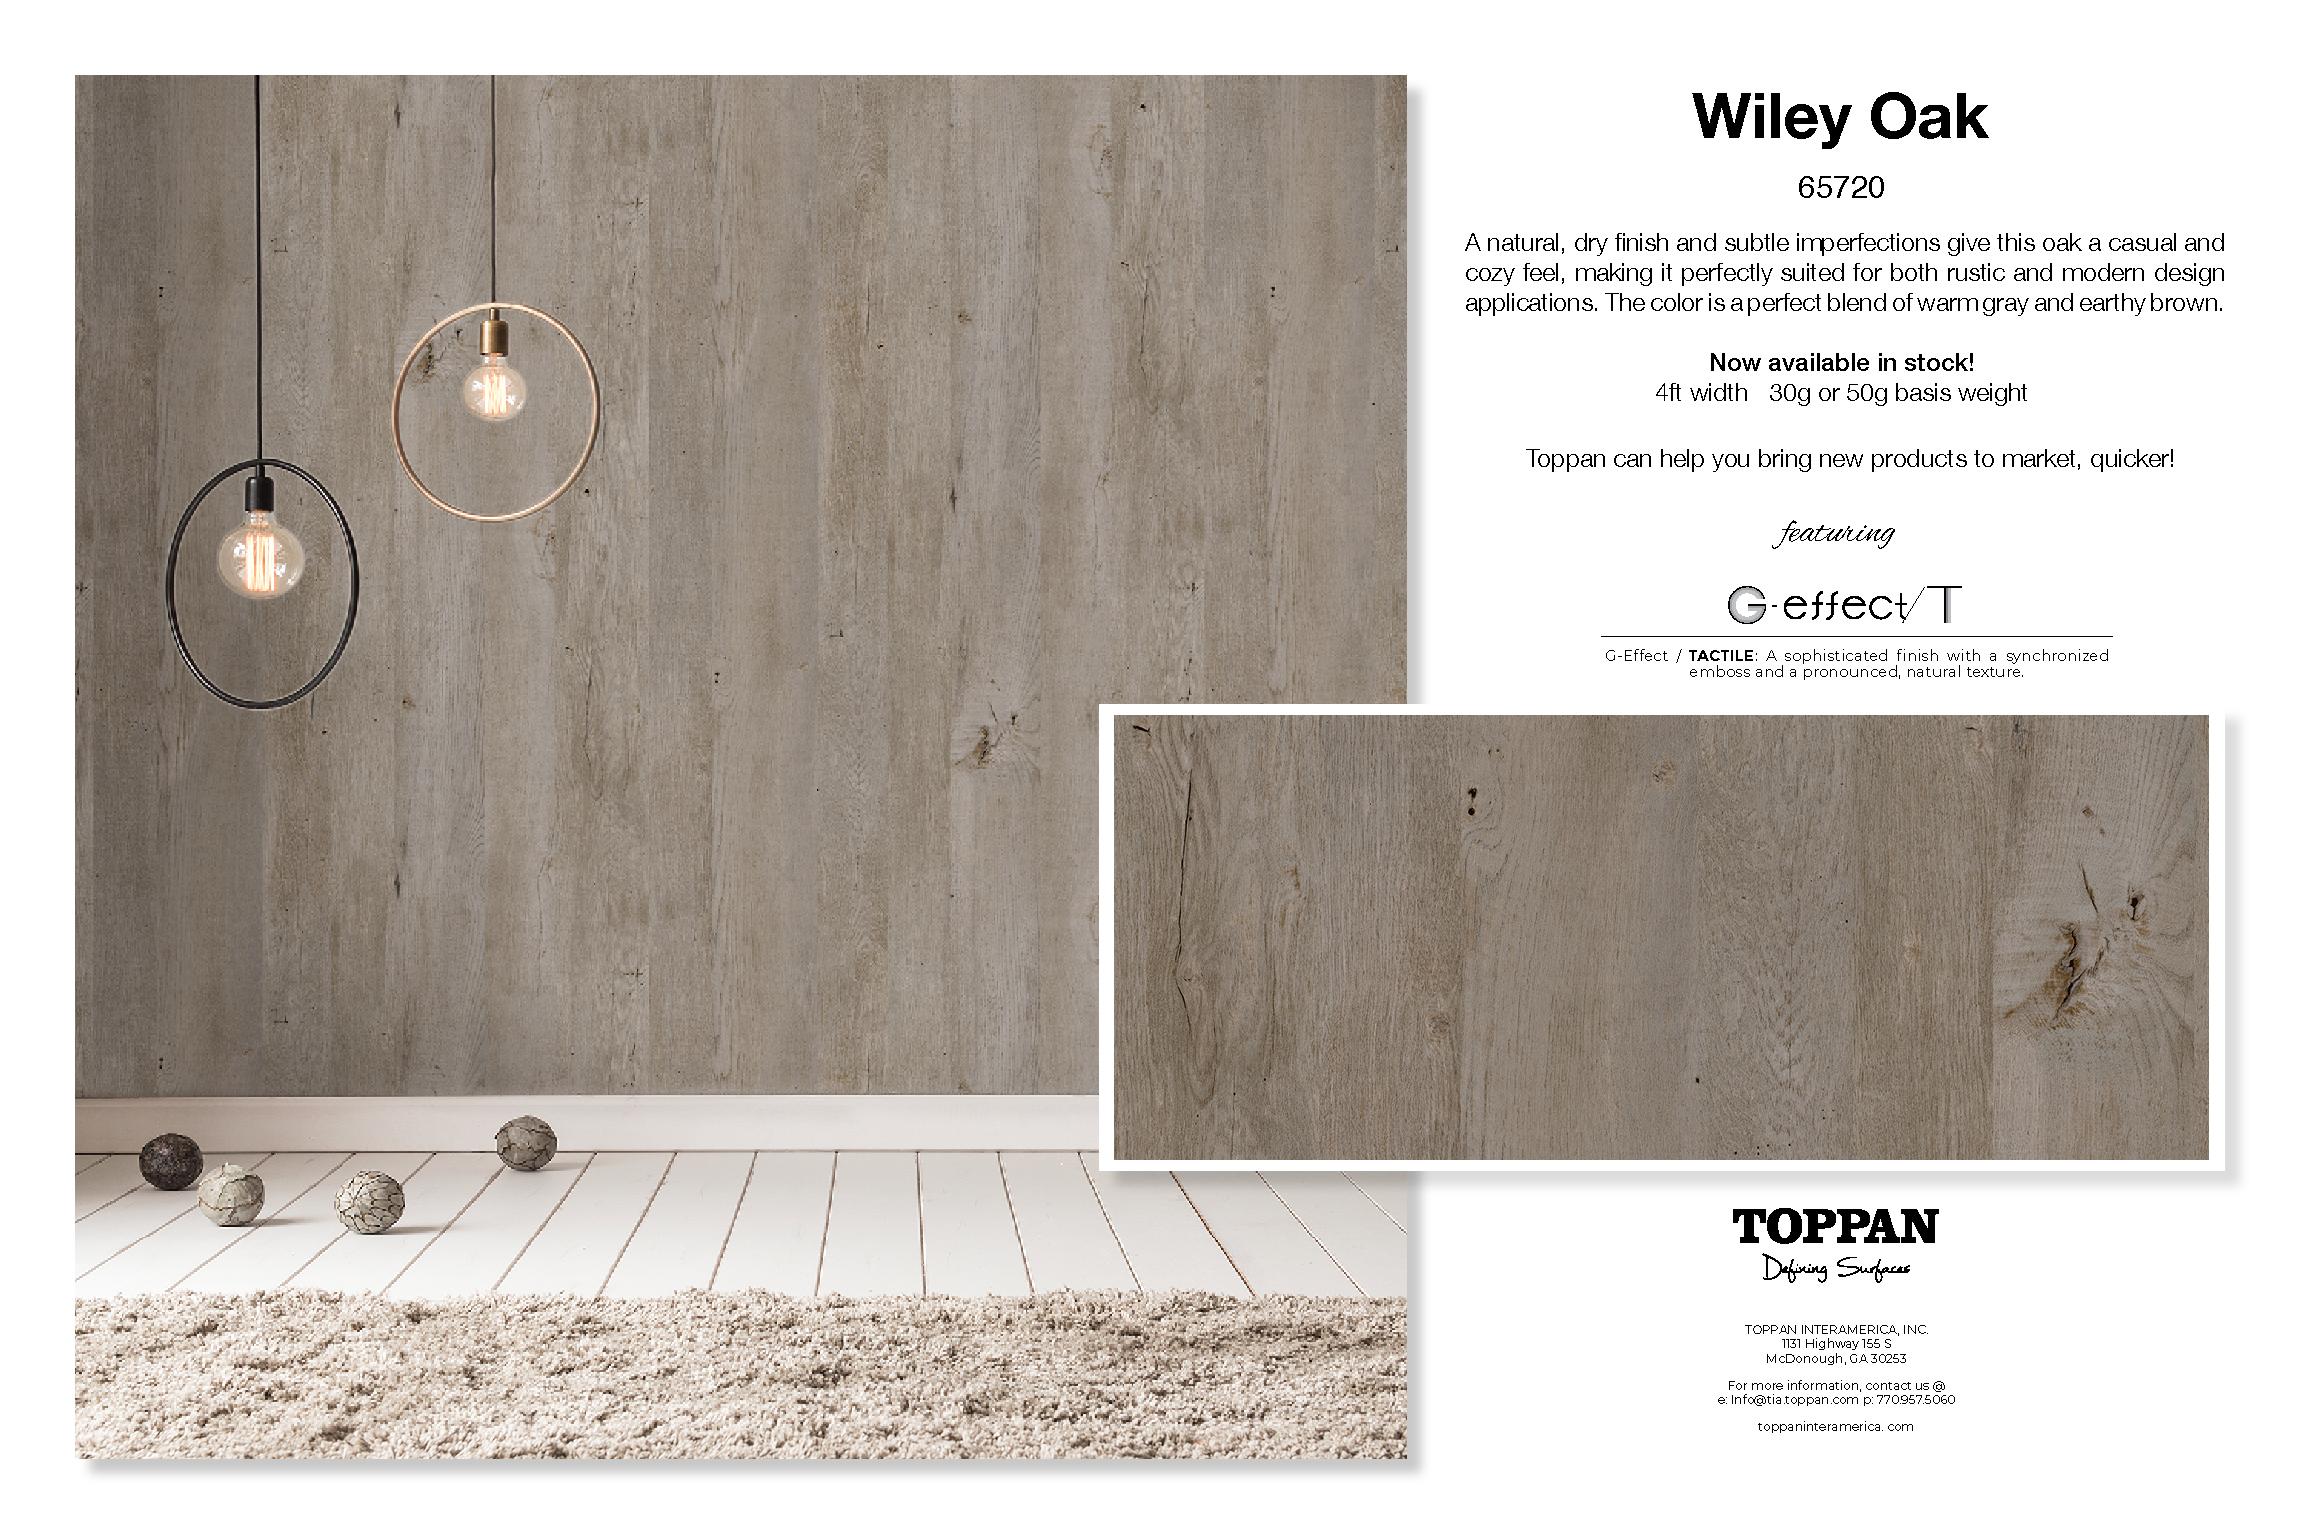 Wiley Oak Promo